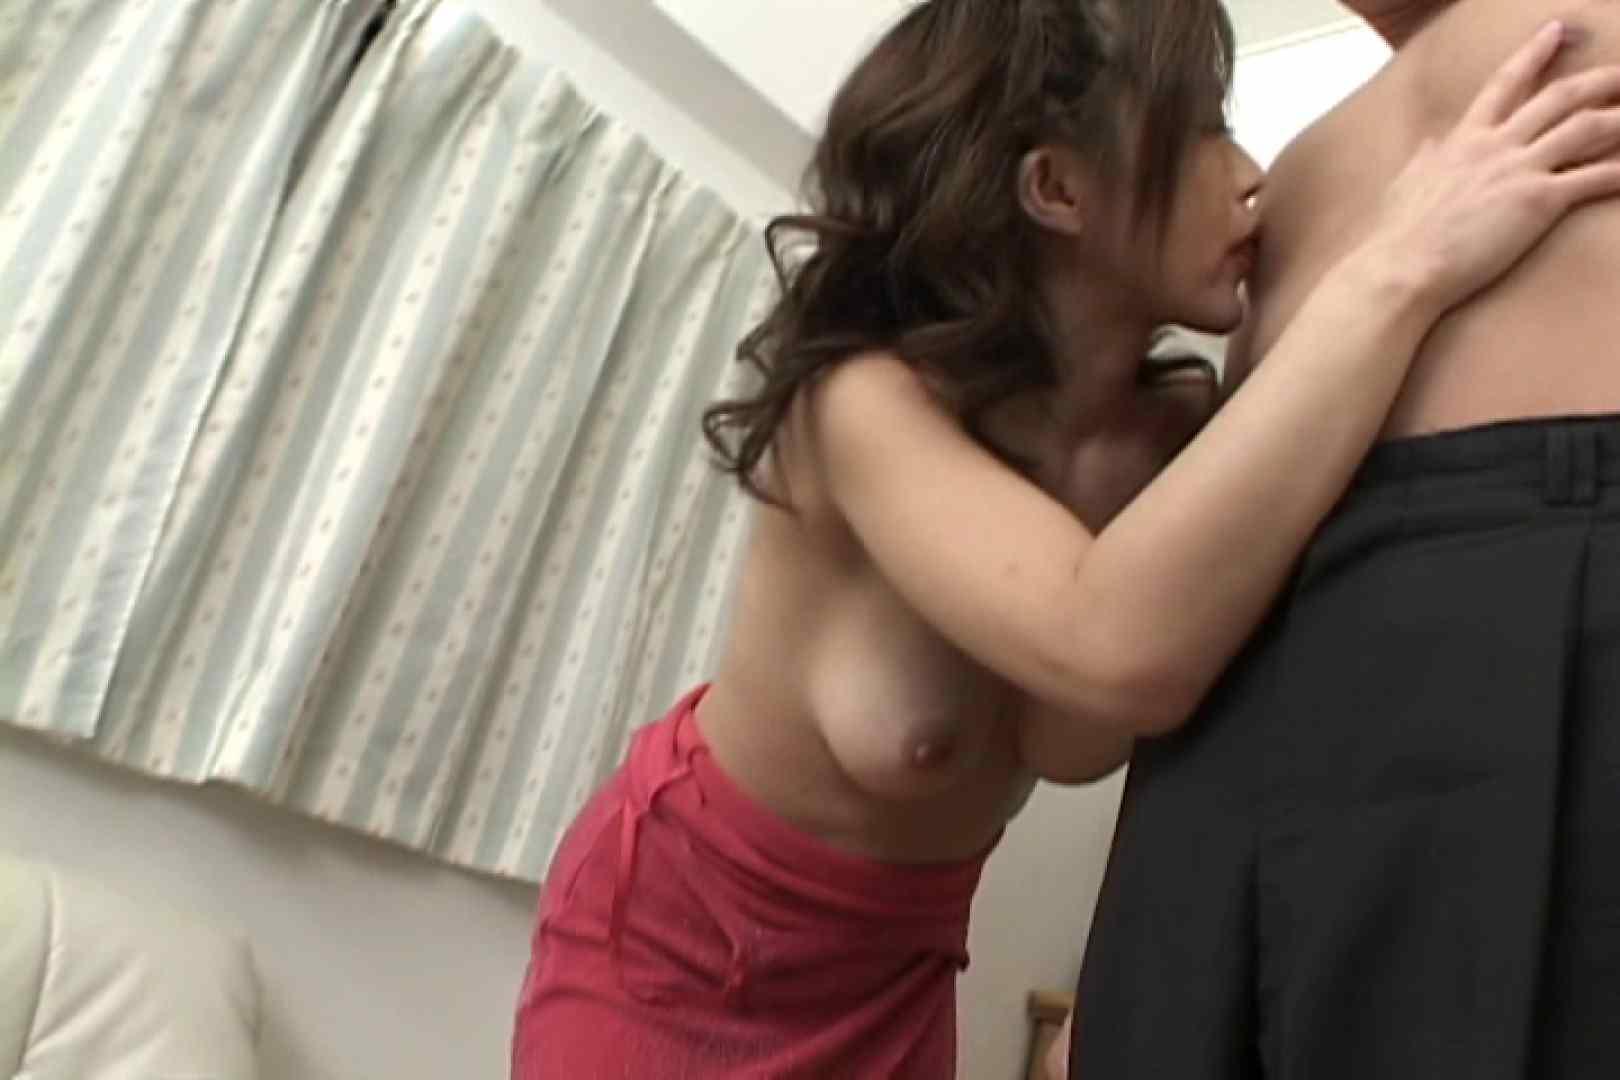 昼間の奥様は欲求不満 ~桜田ゆかり~ SEX映像 オメコ無修正動画無料 107pic 63